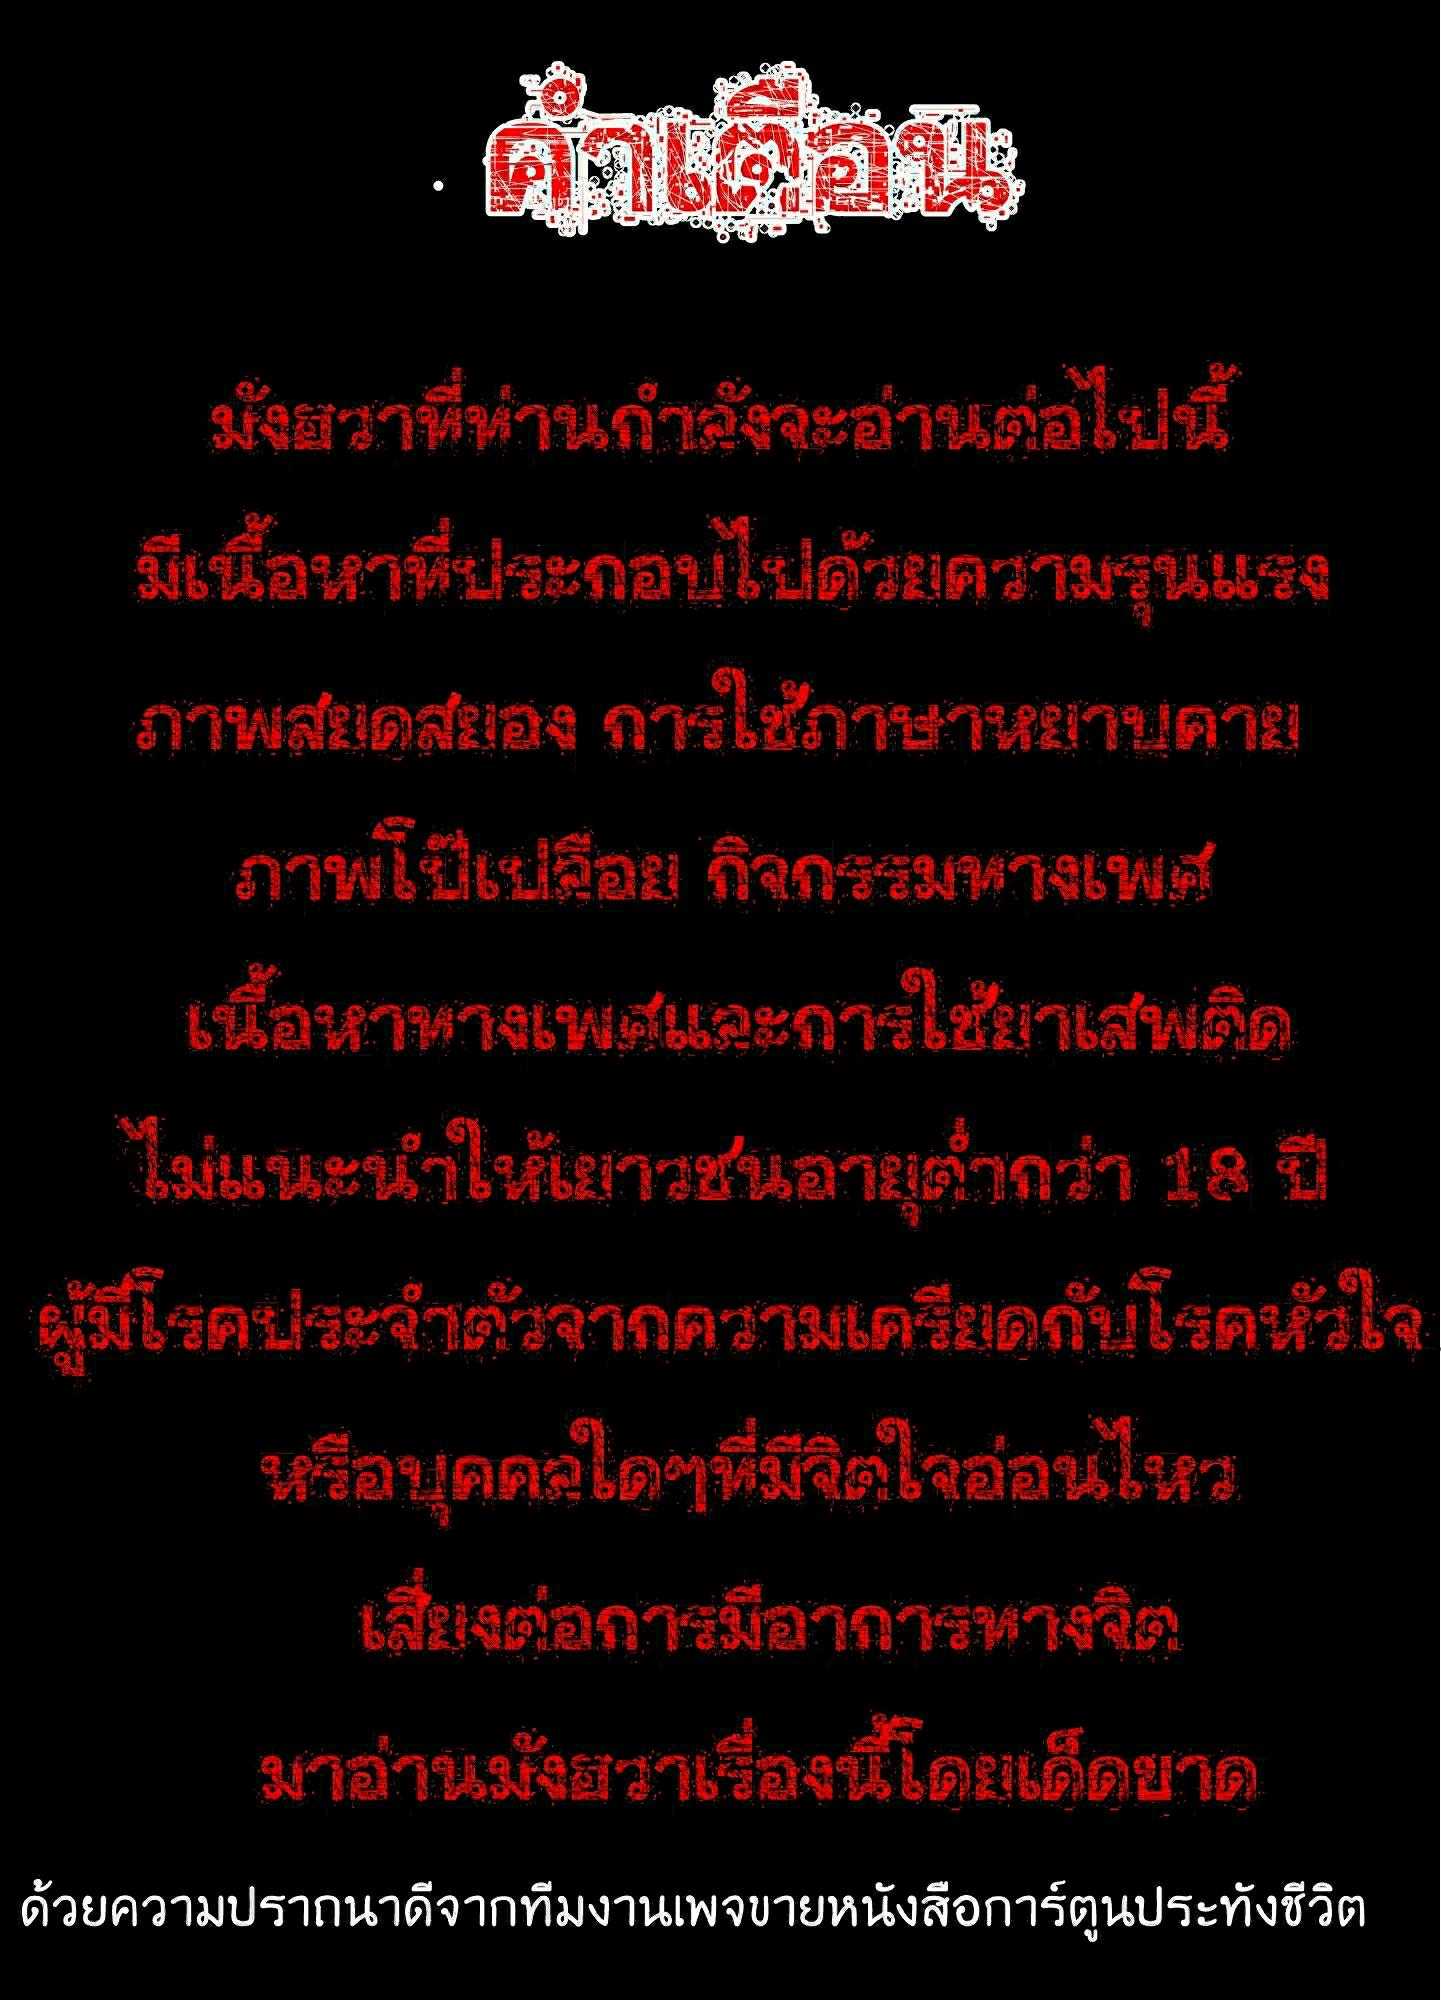 ควีน บี 7